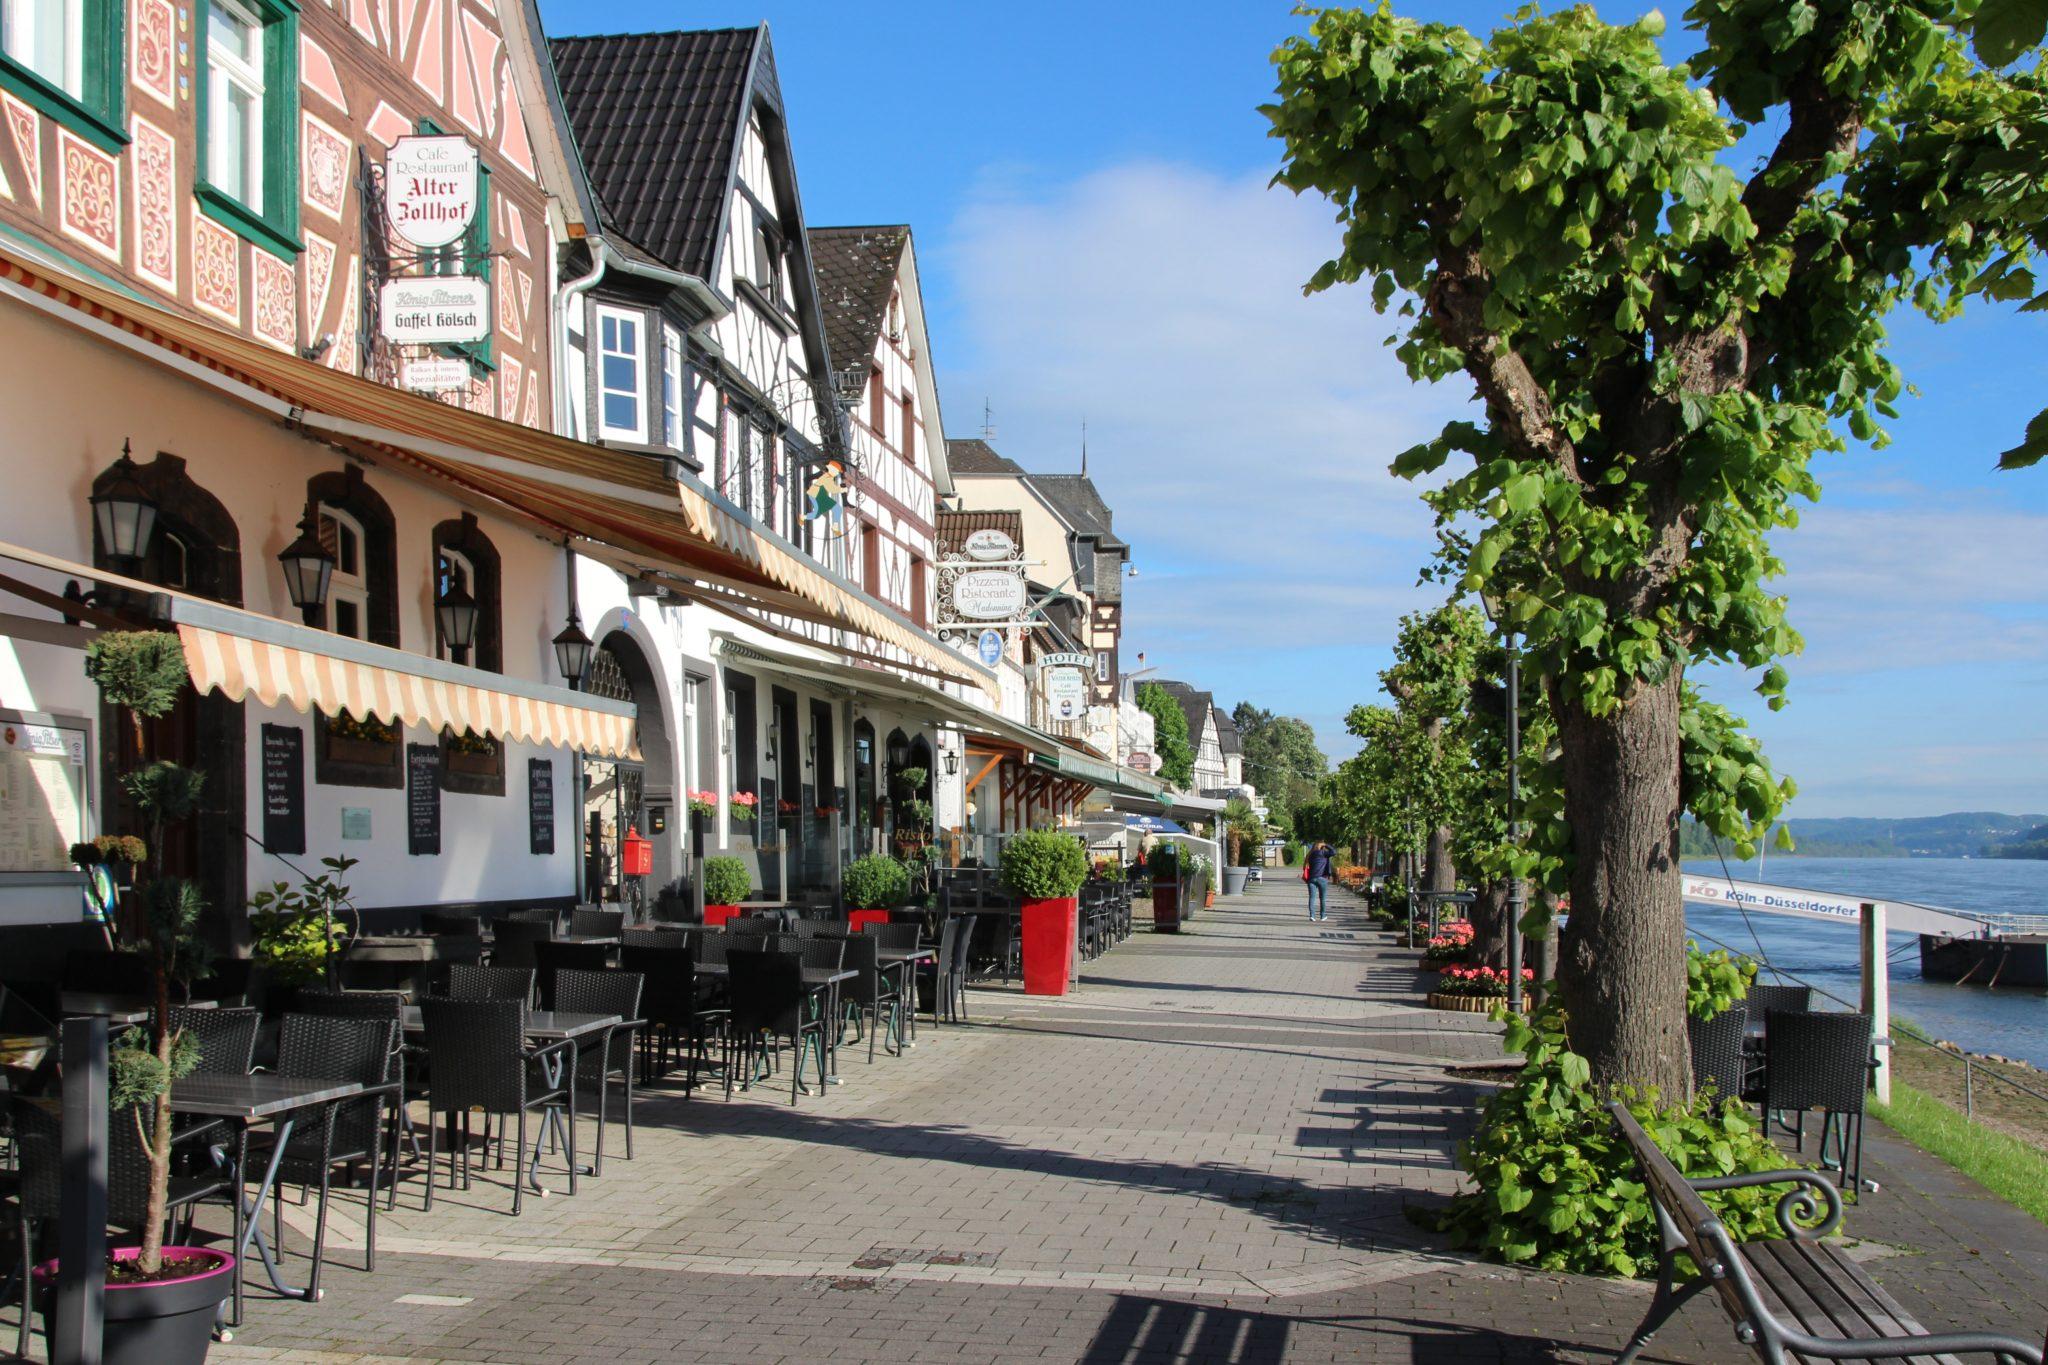 Ausflugstipps-am-mittelrhein-sehenswerte-und-schöne-städte